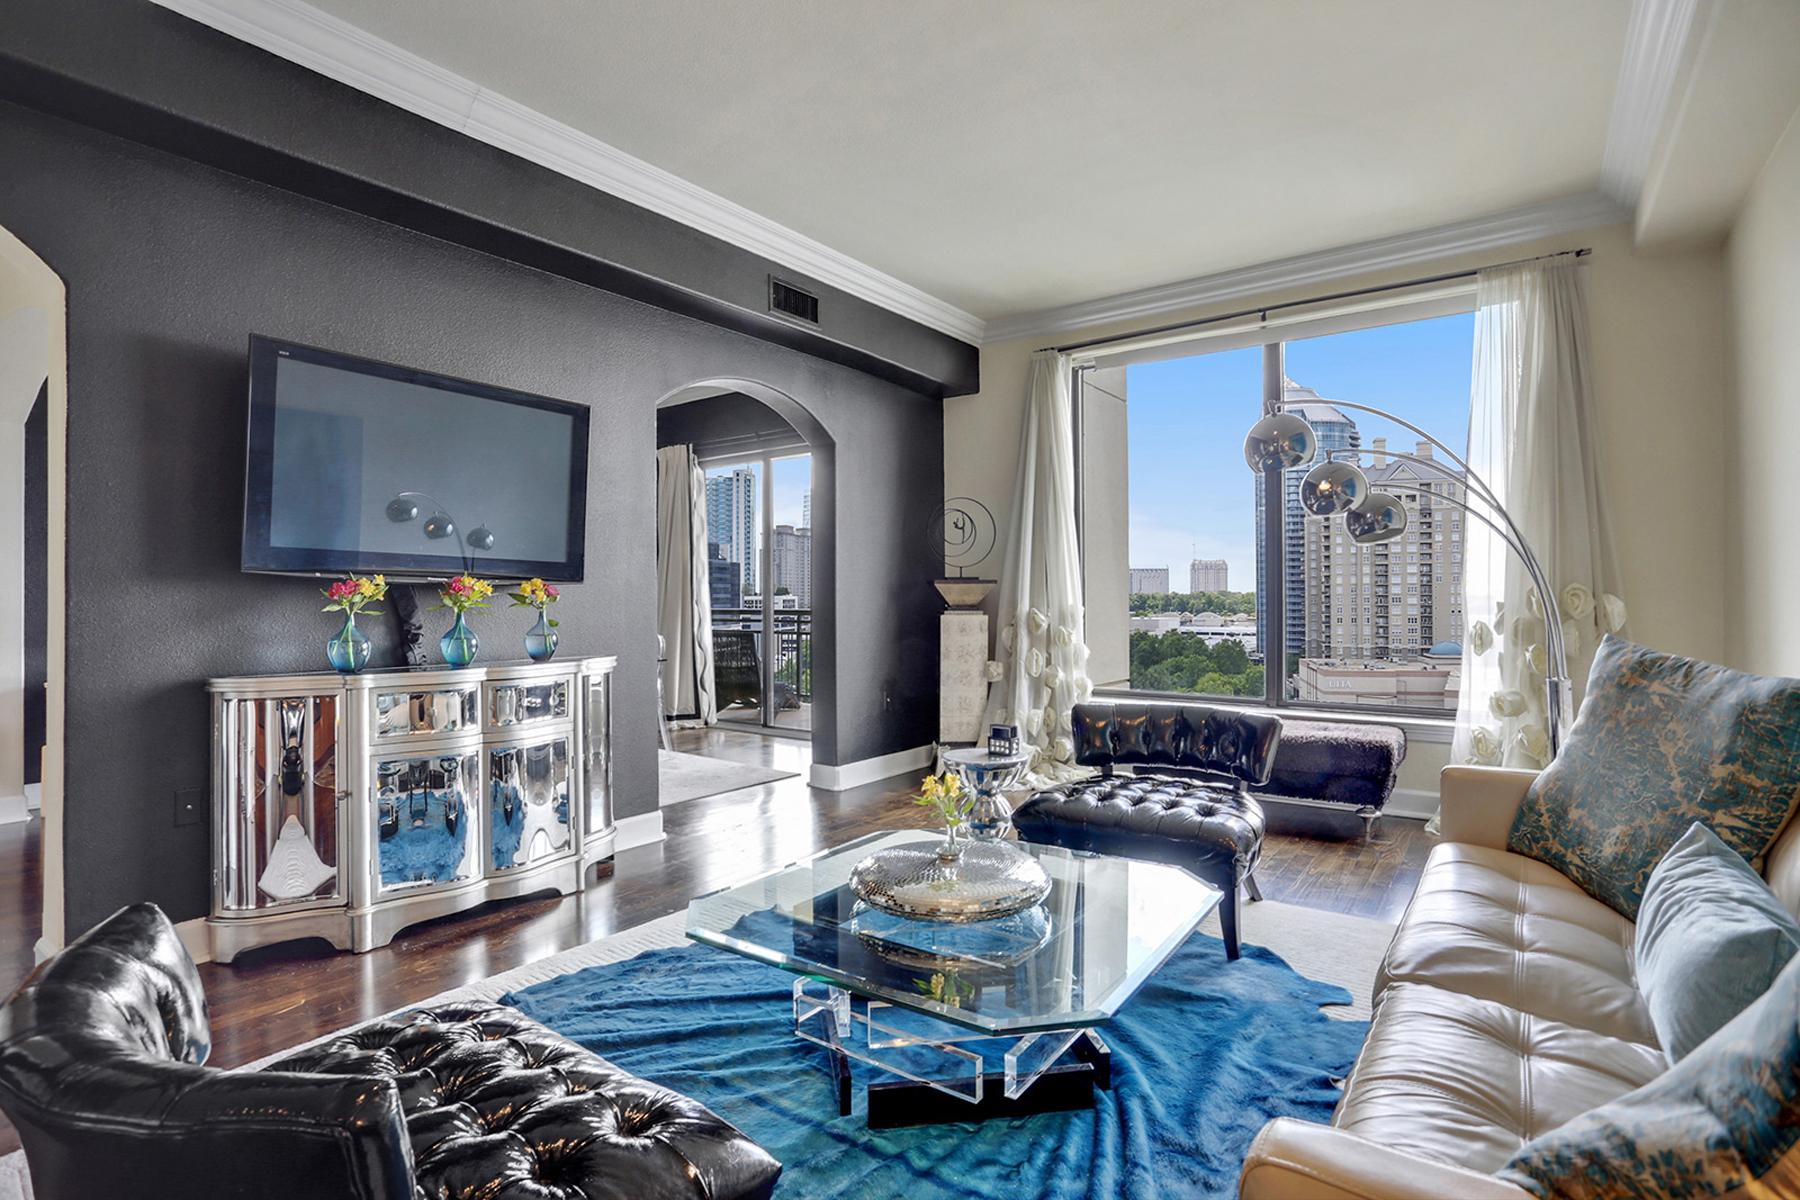 Condominium for Sale at Luxury High Rise In Buckhead 3445 Stratford Road NE #1401 Atlanta, Georgia 30326 United States